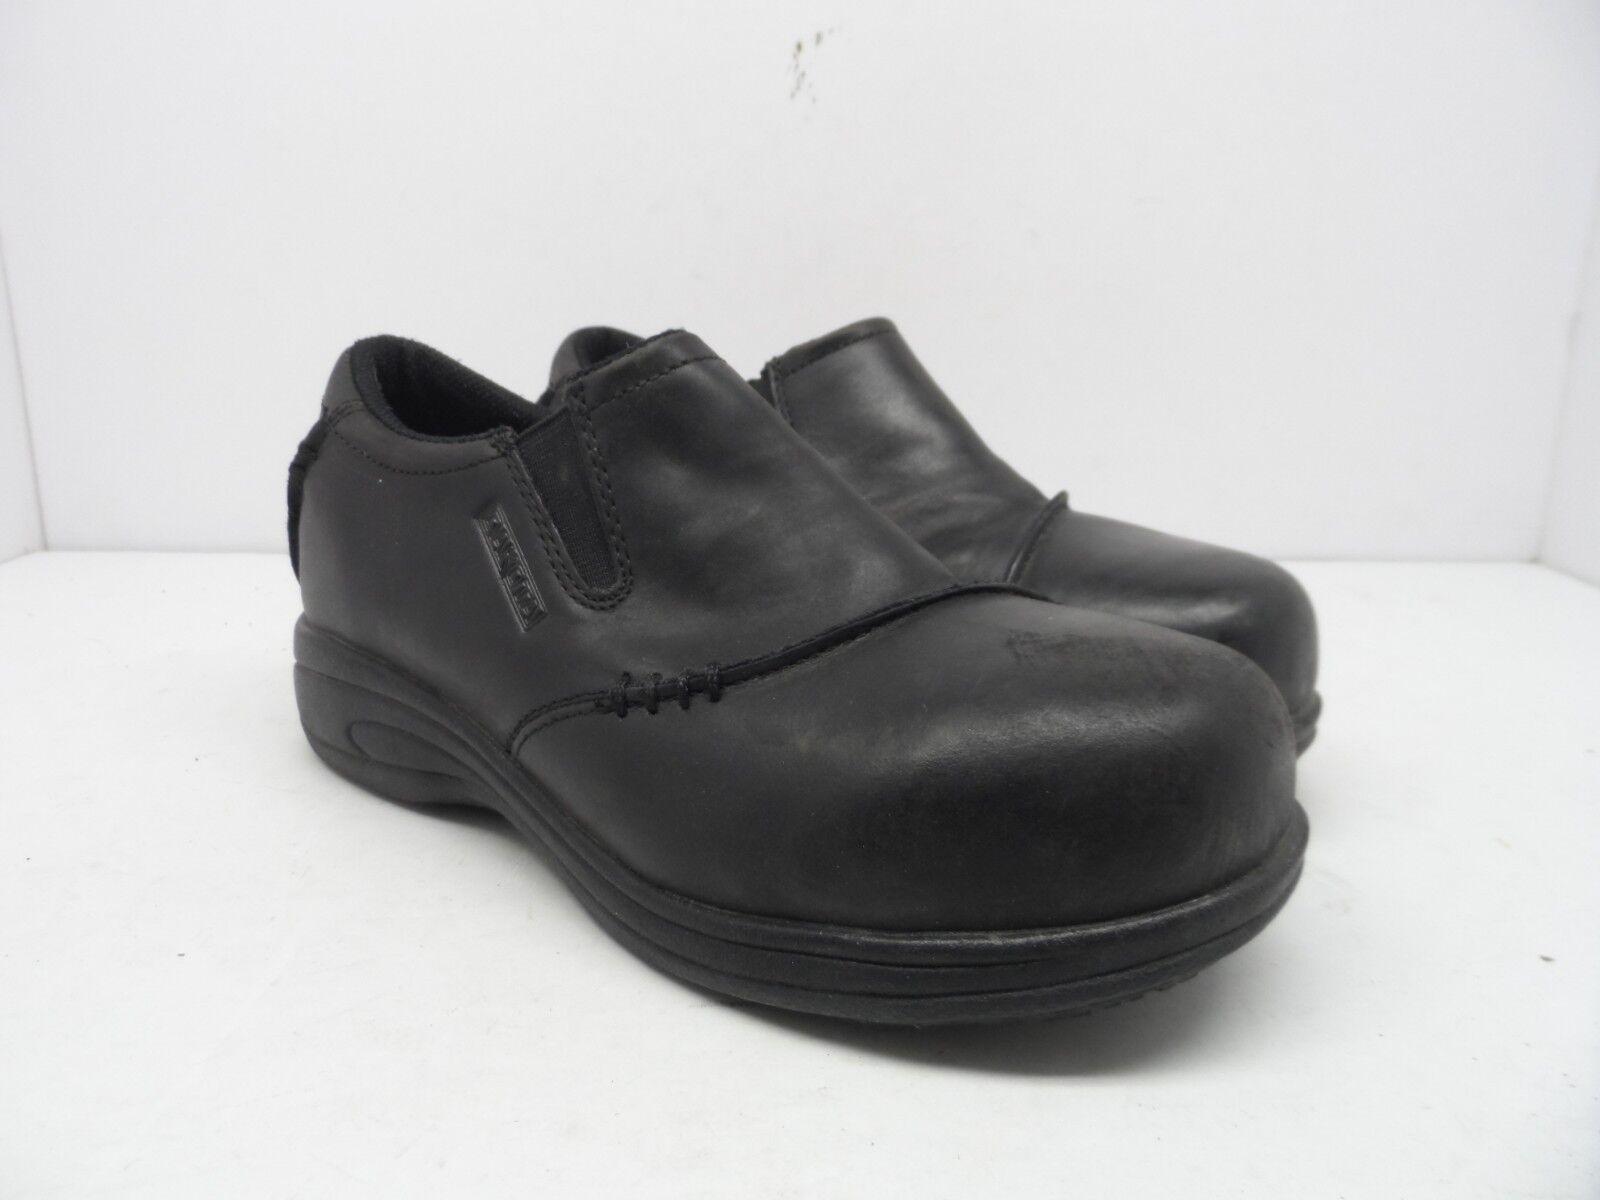 DAKOTA Women's Quad Comfort JStep ATCP Anti-Slip SLip-On Shoe Black Size 7.5M